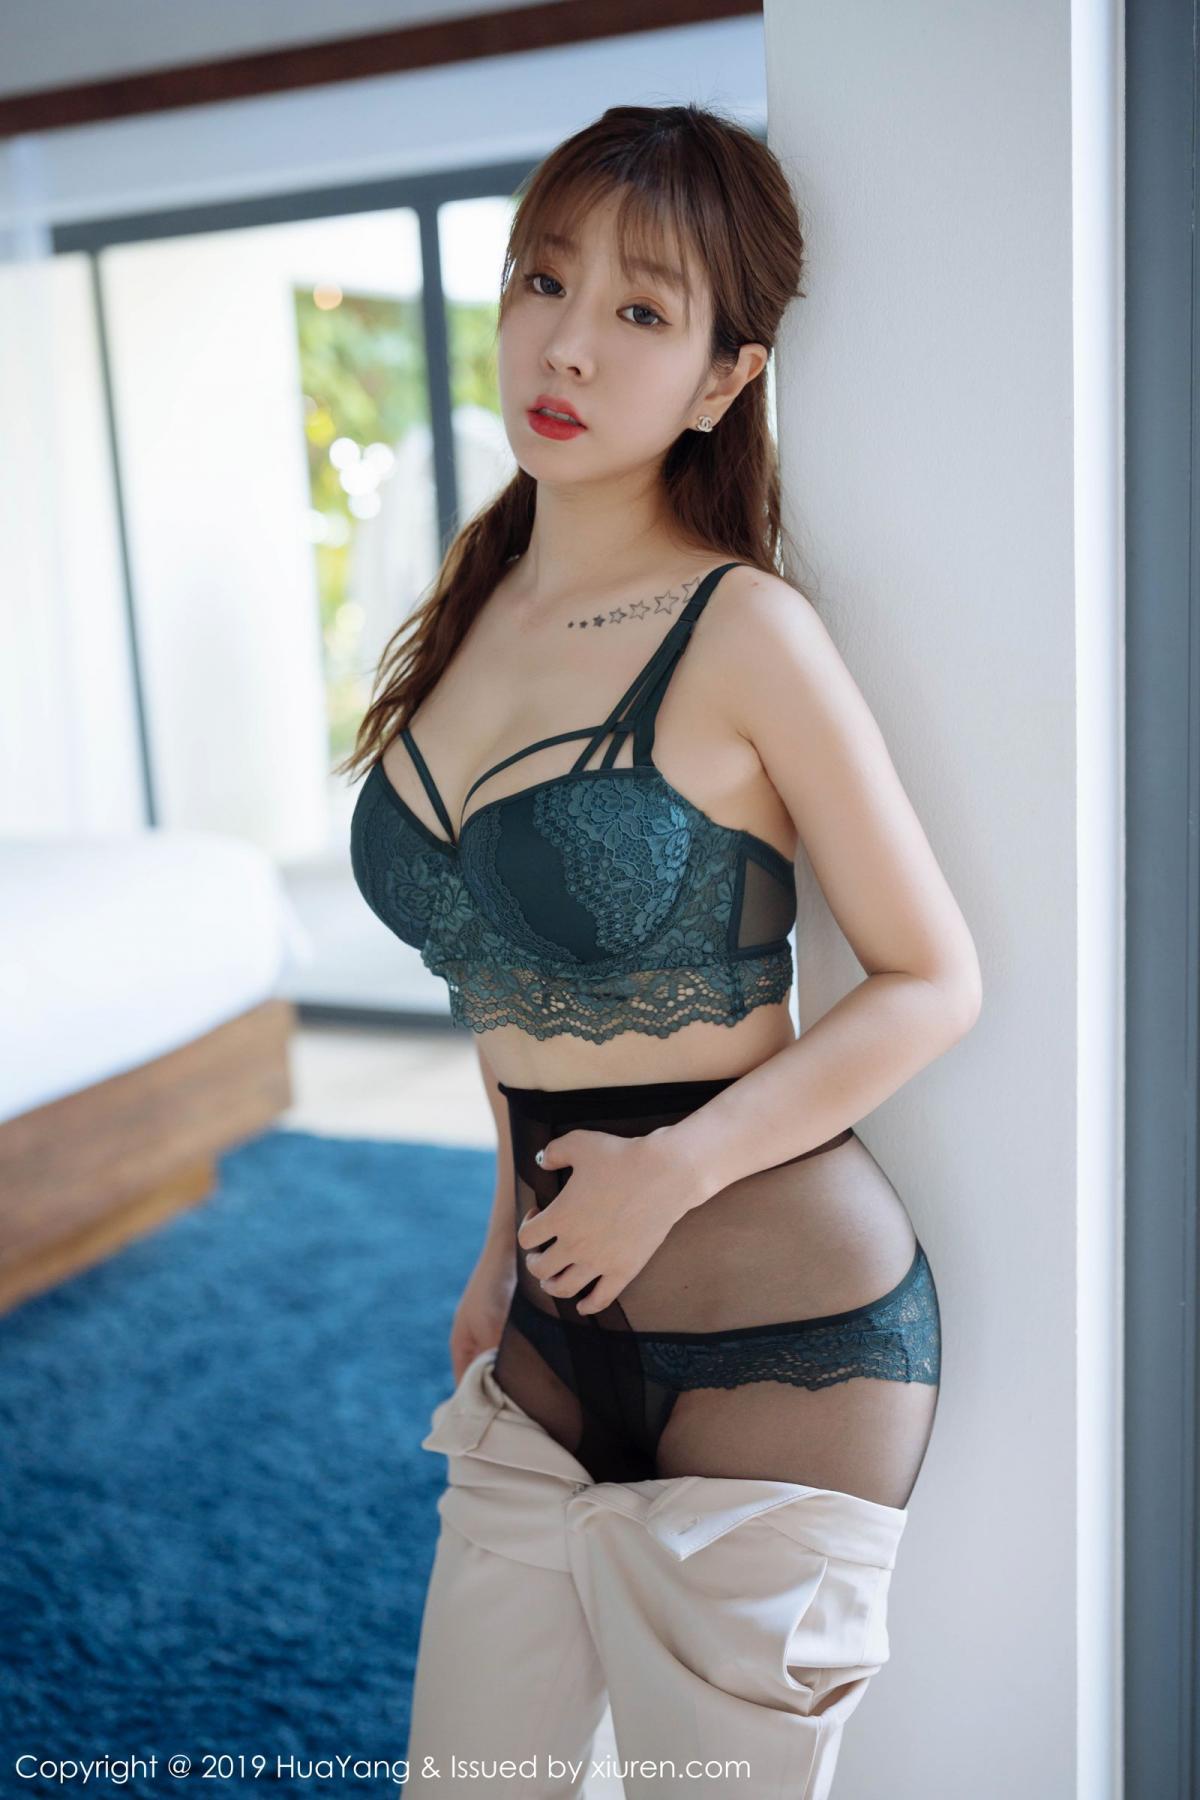 [Huayang] Vol.192 Wang Yu Chun 15P, HuaYang, Underwear, Uniform, Wang Yu Chun